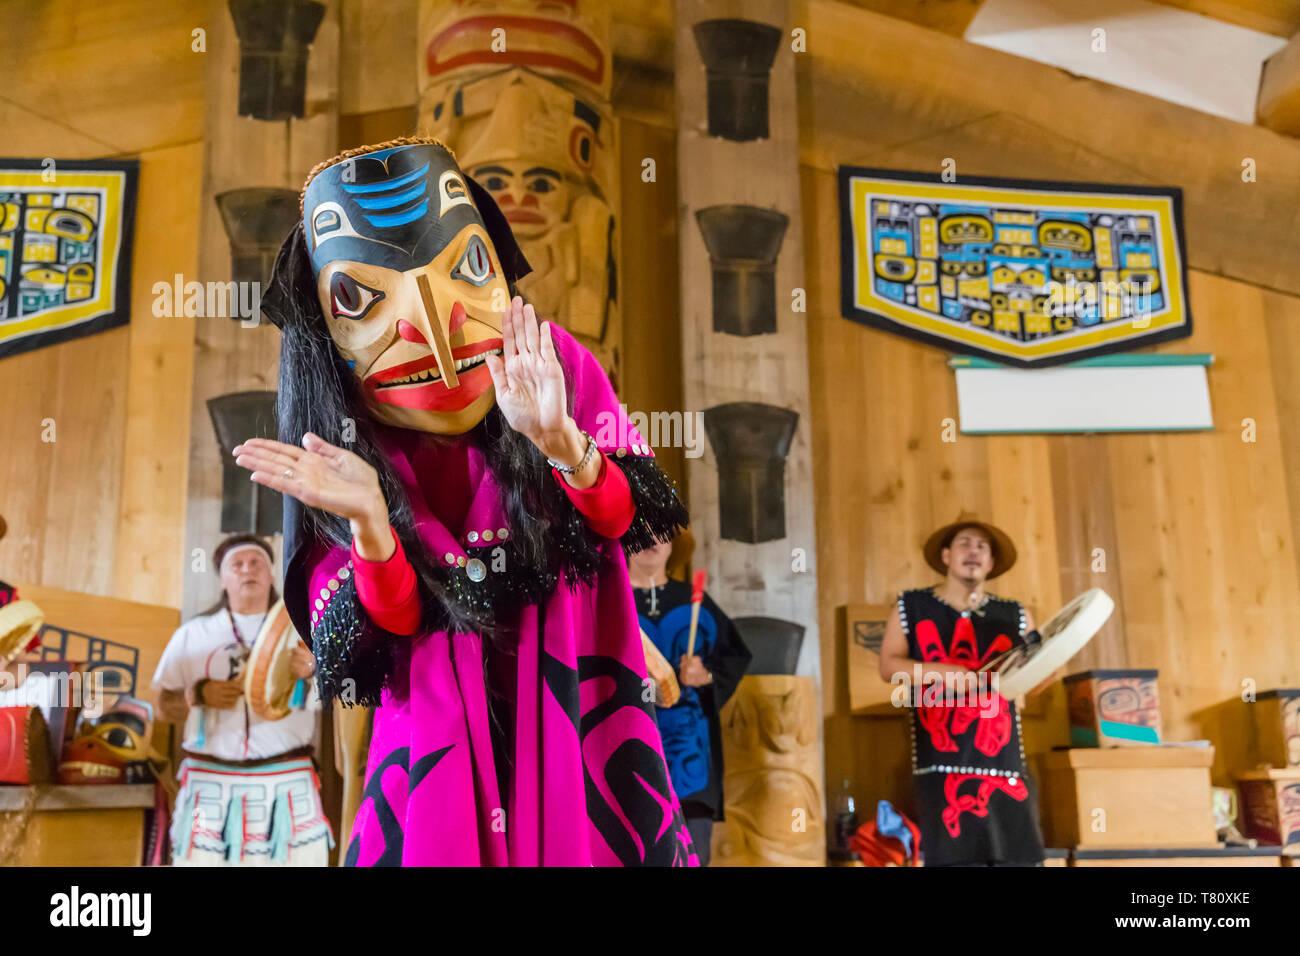 Les danseurs en danse traditionnelle Haïda regalia, Old Masset, Haida Gwaii, en Colombie-Britannique, au Canada, en Amérique du Nord Banque D'Images